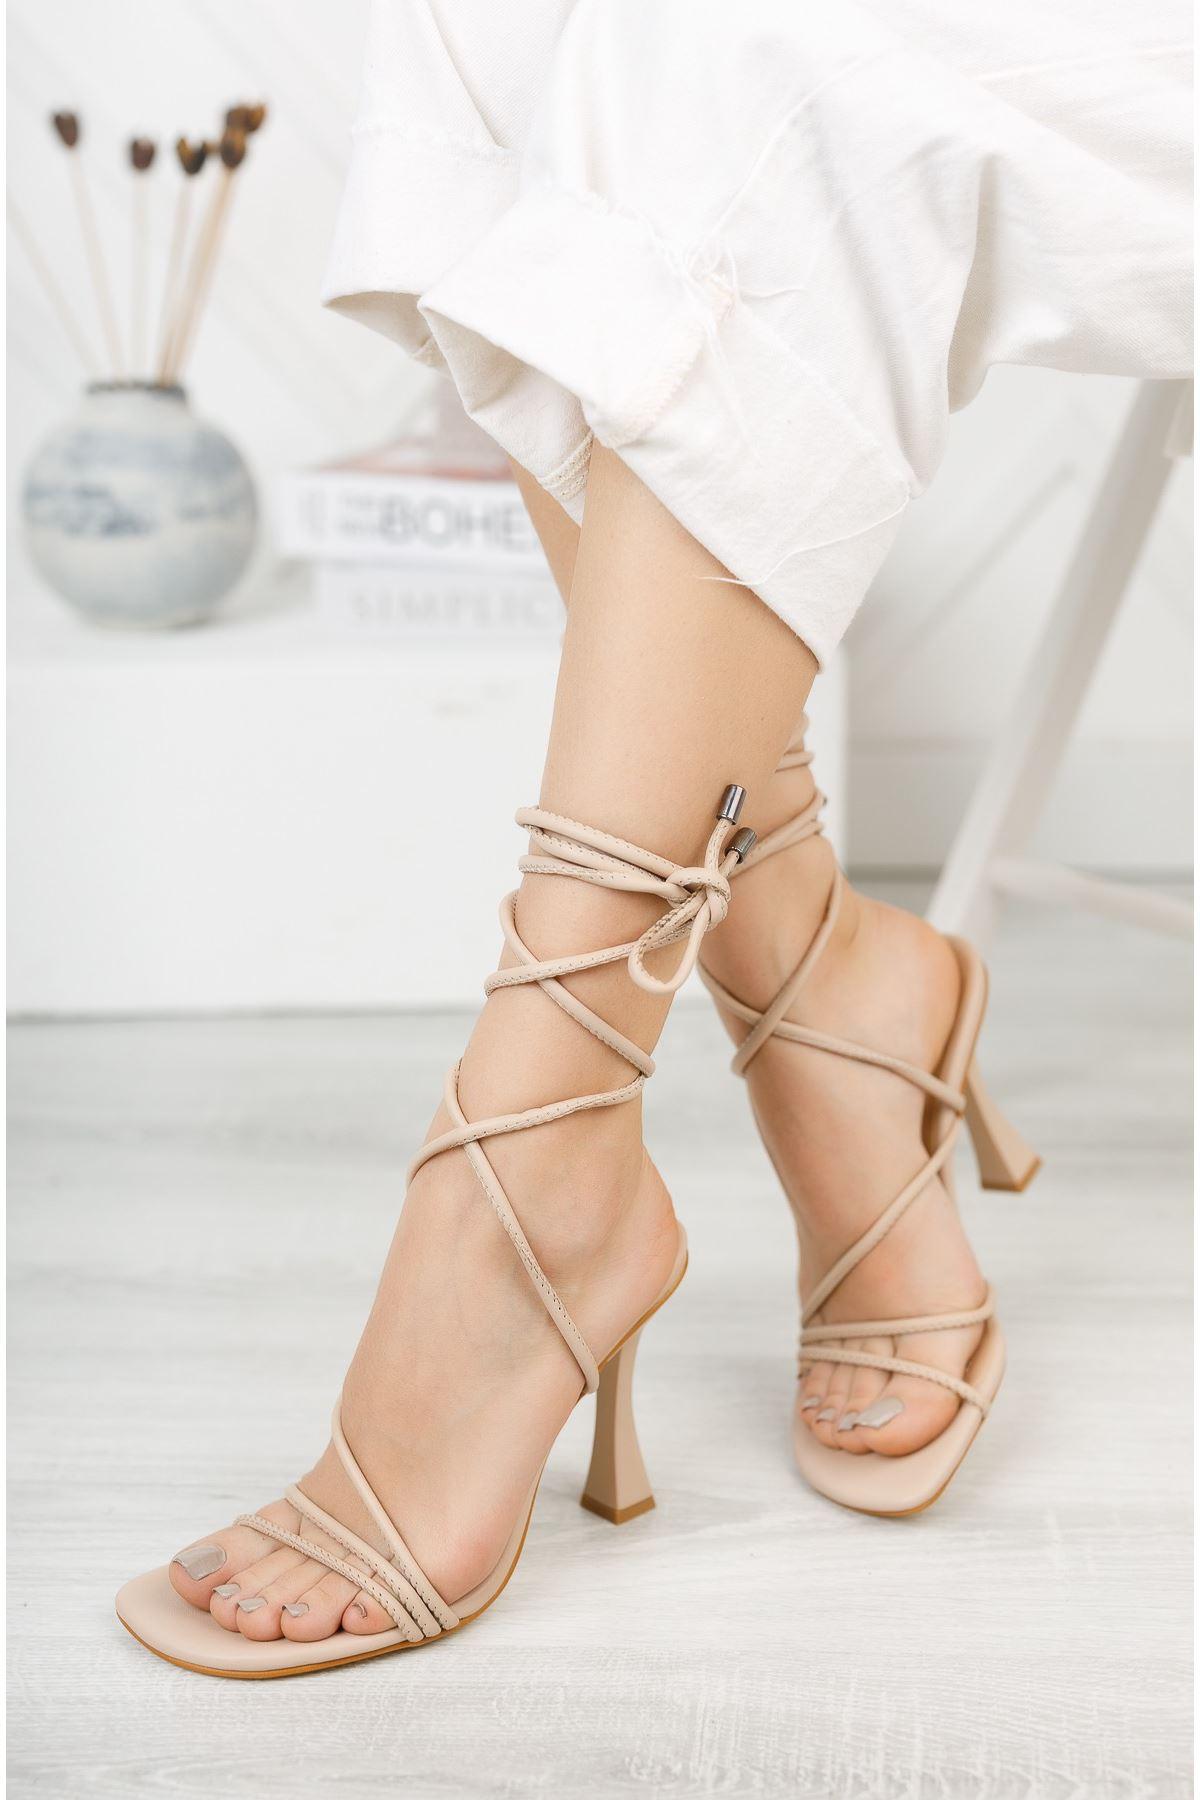 Nude Bilekten Bağlama Detaylı Yüksek Topuklu Ayakkabı